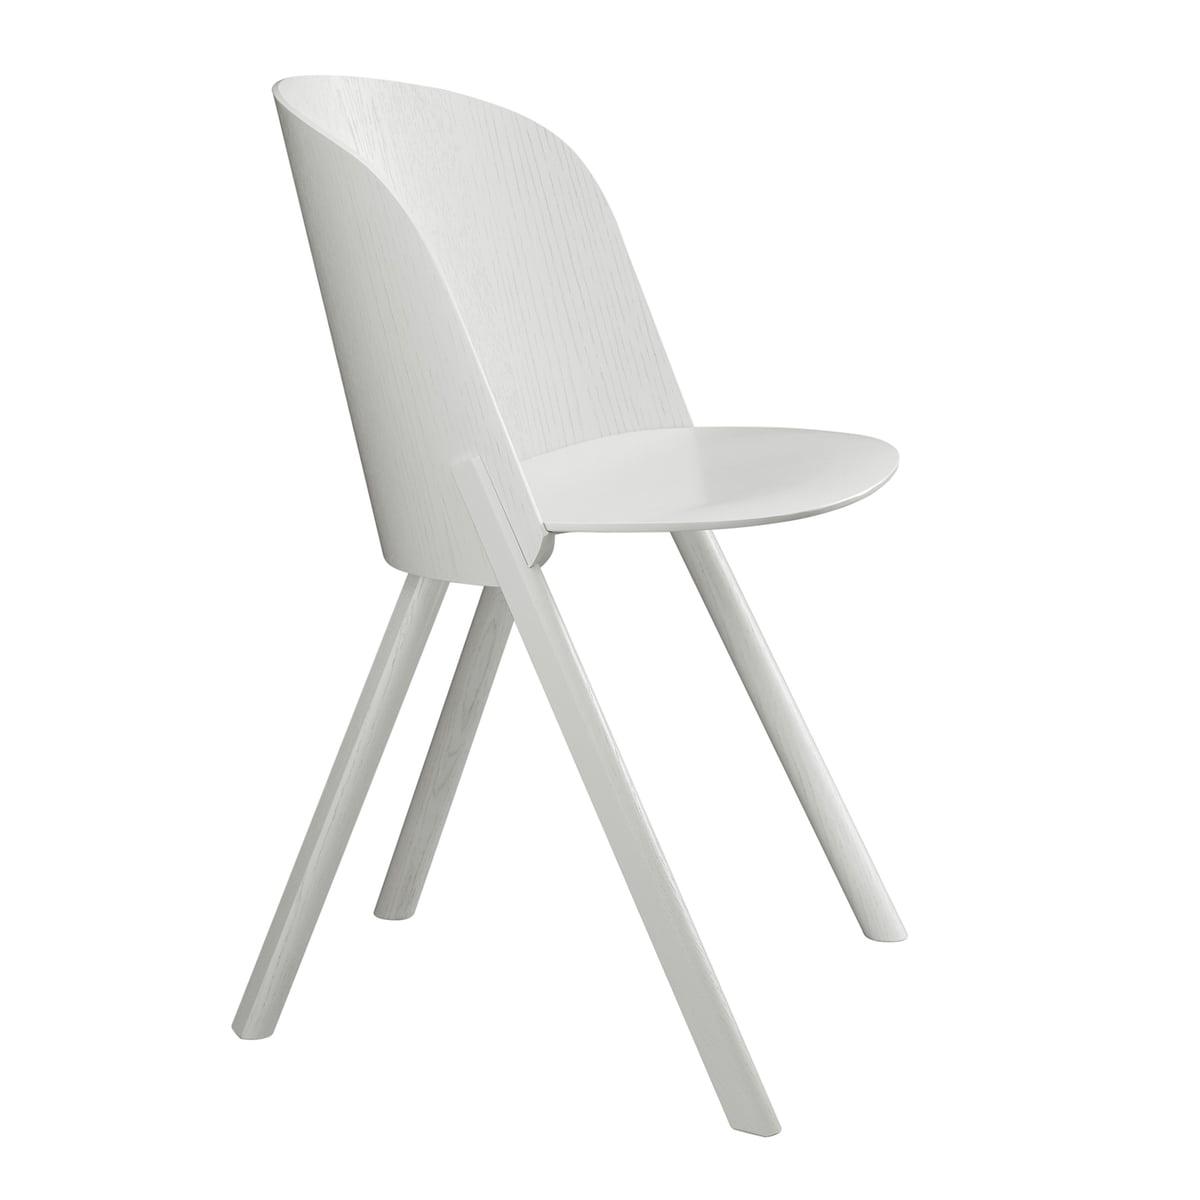 CH05 This Stuhl von e15 | connox.ch